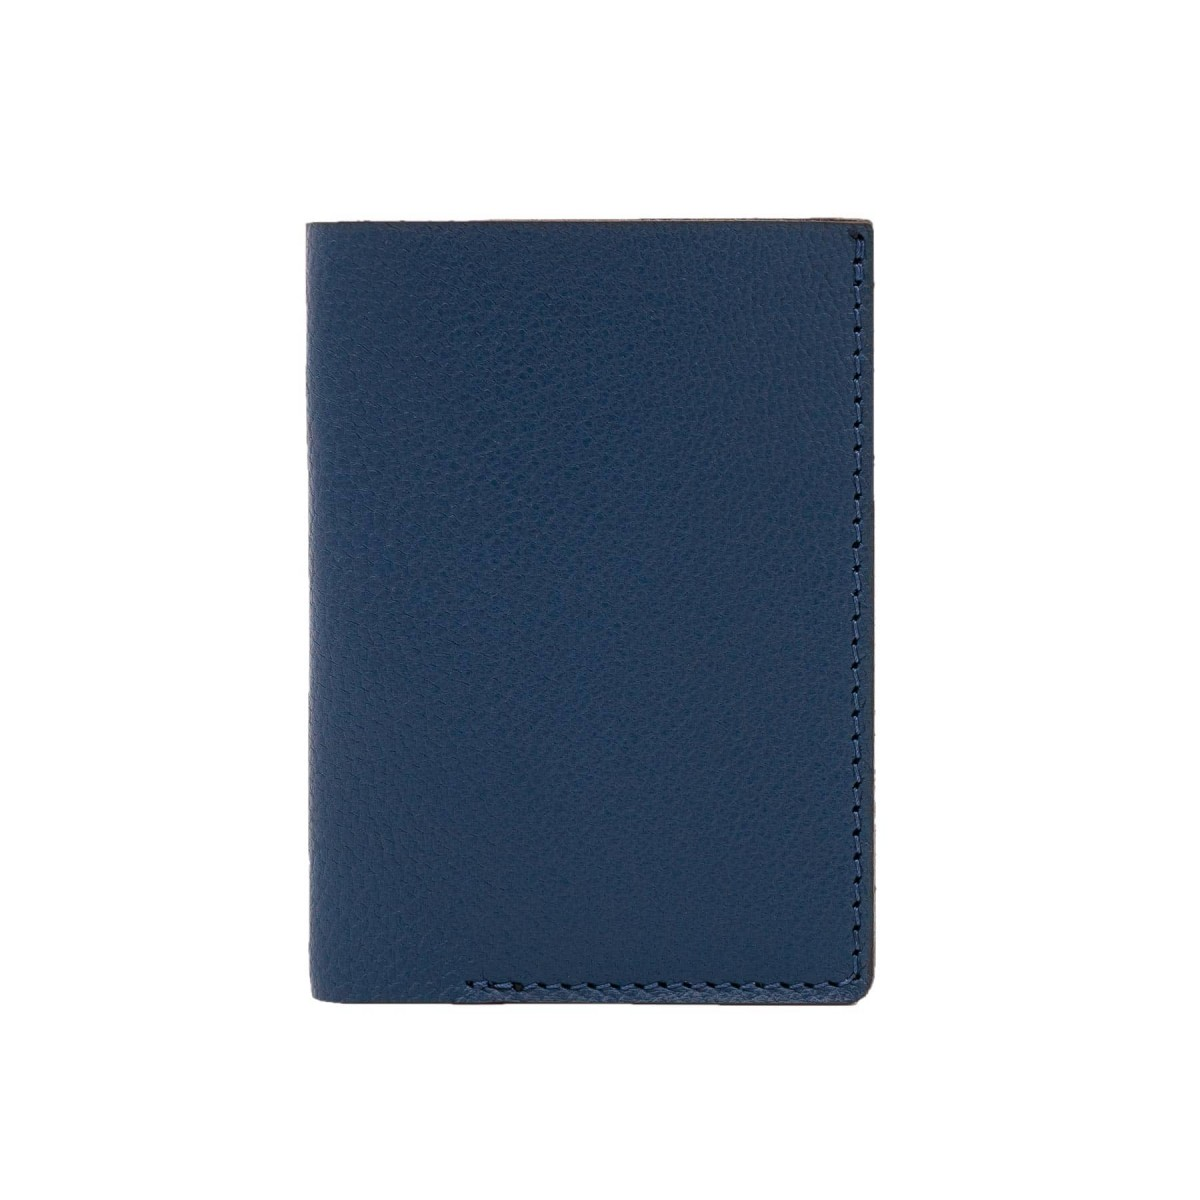 Mini Portemonnaie in marineblau - aus premium pflanzlich gegerbtem Ziegenleder